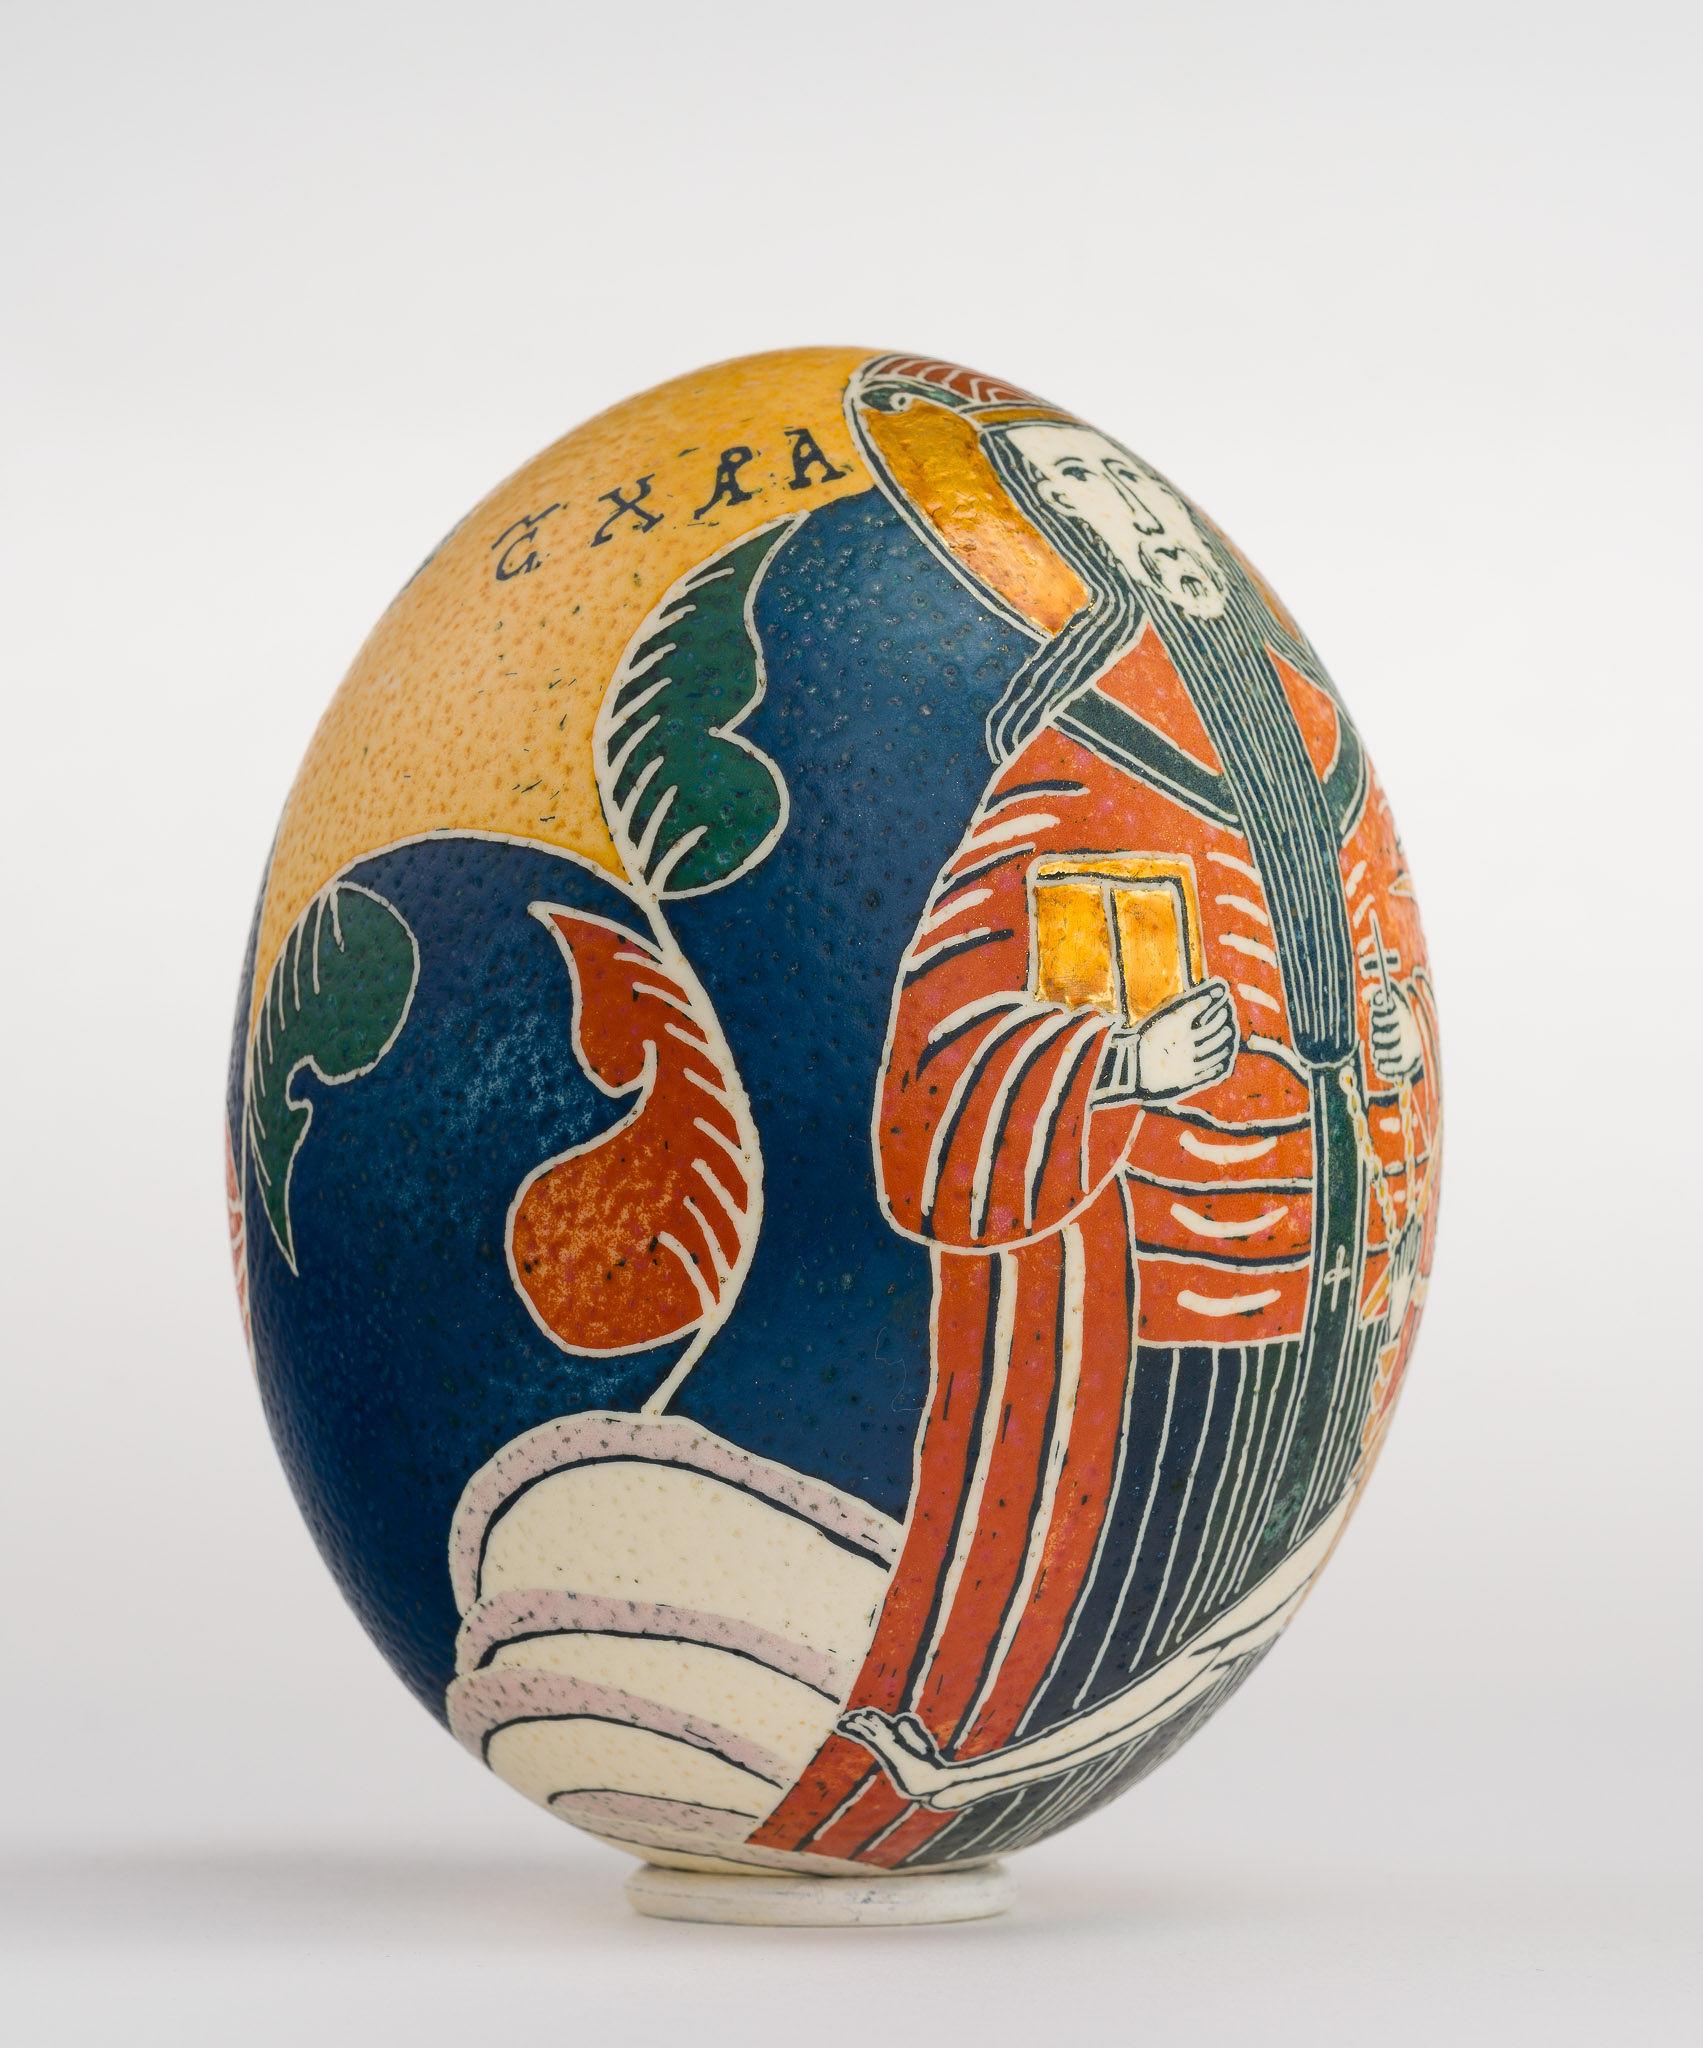 Icoană încondeiată pe ou de struț - Sfântul Haralambie - maryando-127c.jpg